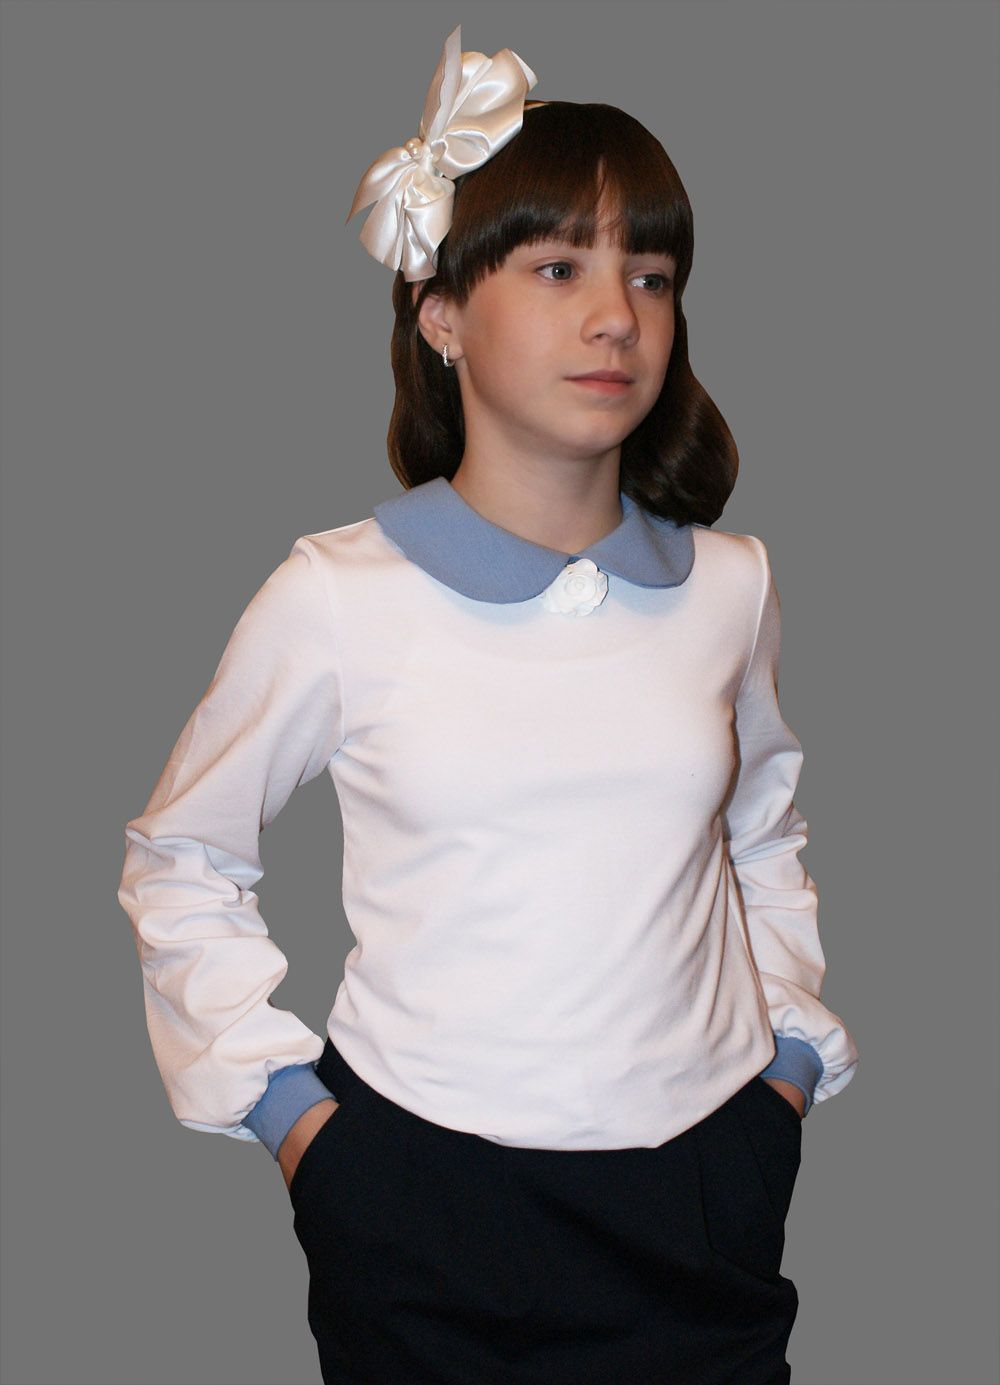 Сбор заказов. Одежда для детей М@ттiель-23 по сниженным ценам! АКЦИЯ!!! с 09.11.16 по 13.11.16 Все модели по 450 руб.!!! НОВИНКИ!!!